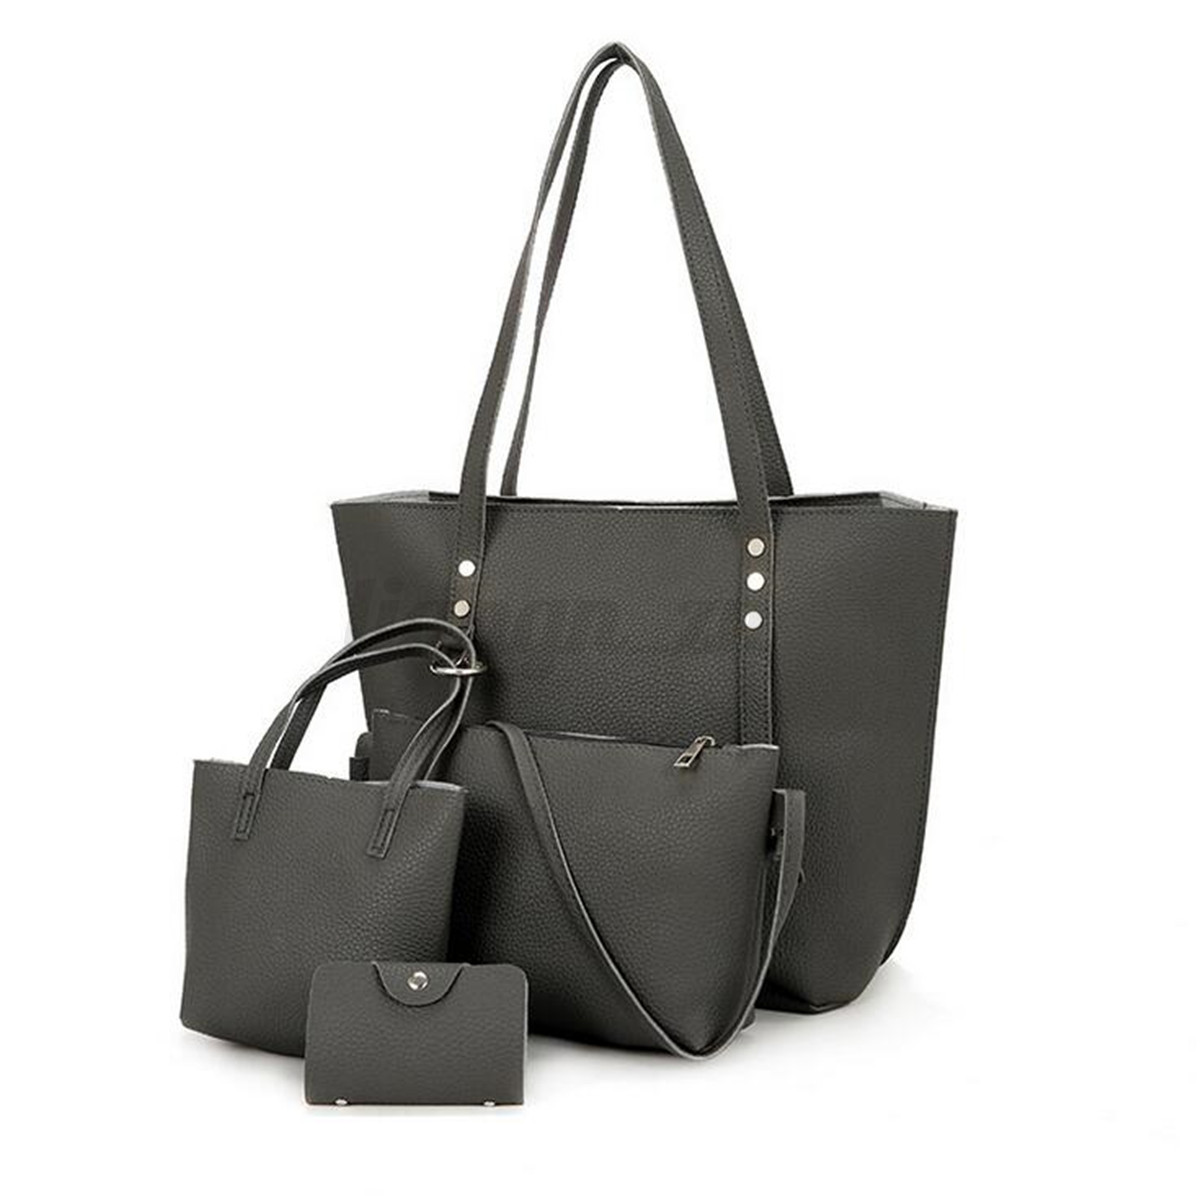 4pcs-Women-Leather-Handbag-Lady-Shoulder-Bags-Tote-Purse-Messenger-Satchel-Set